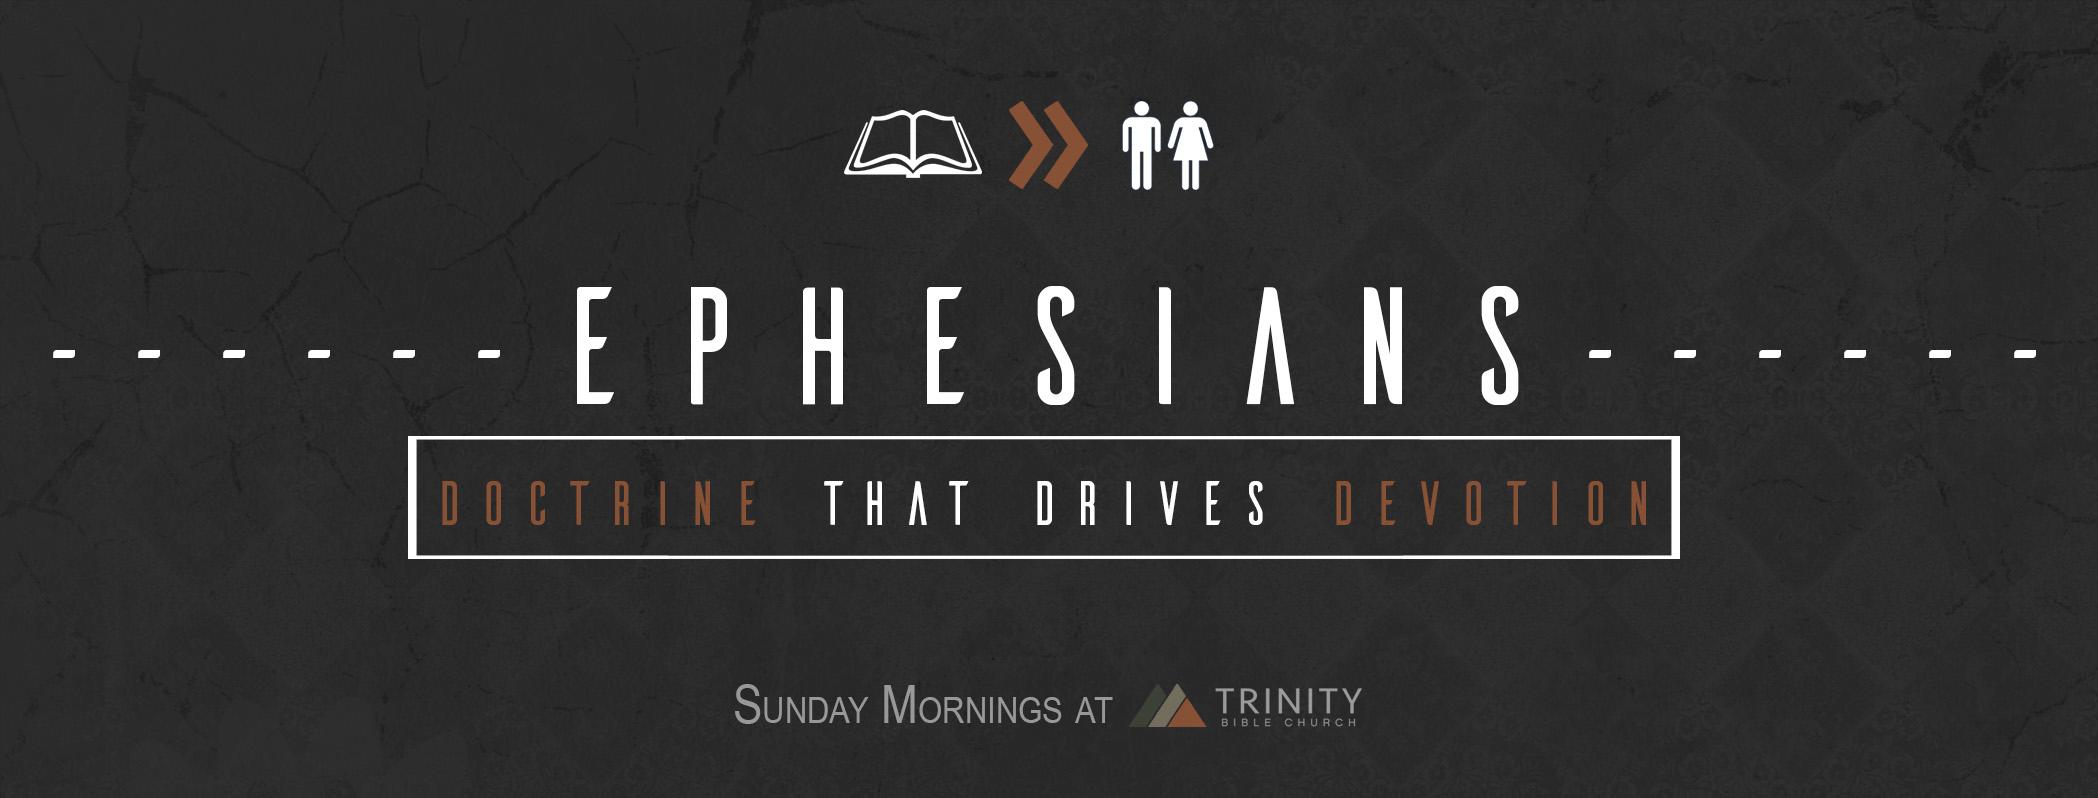 Ephesians TBC